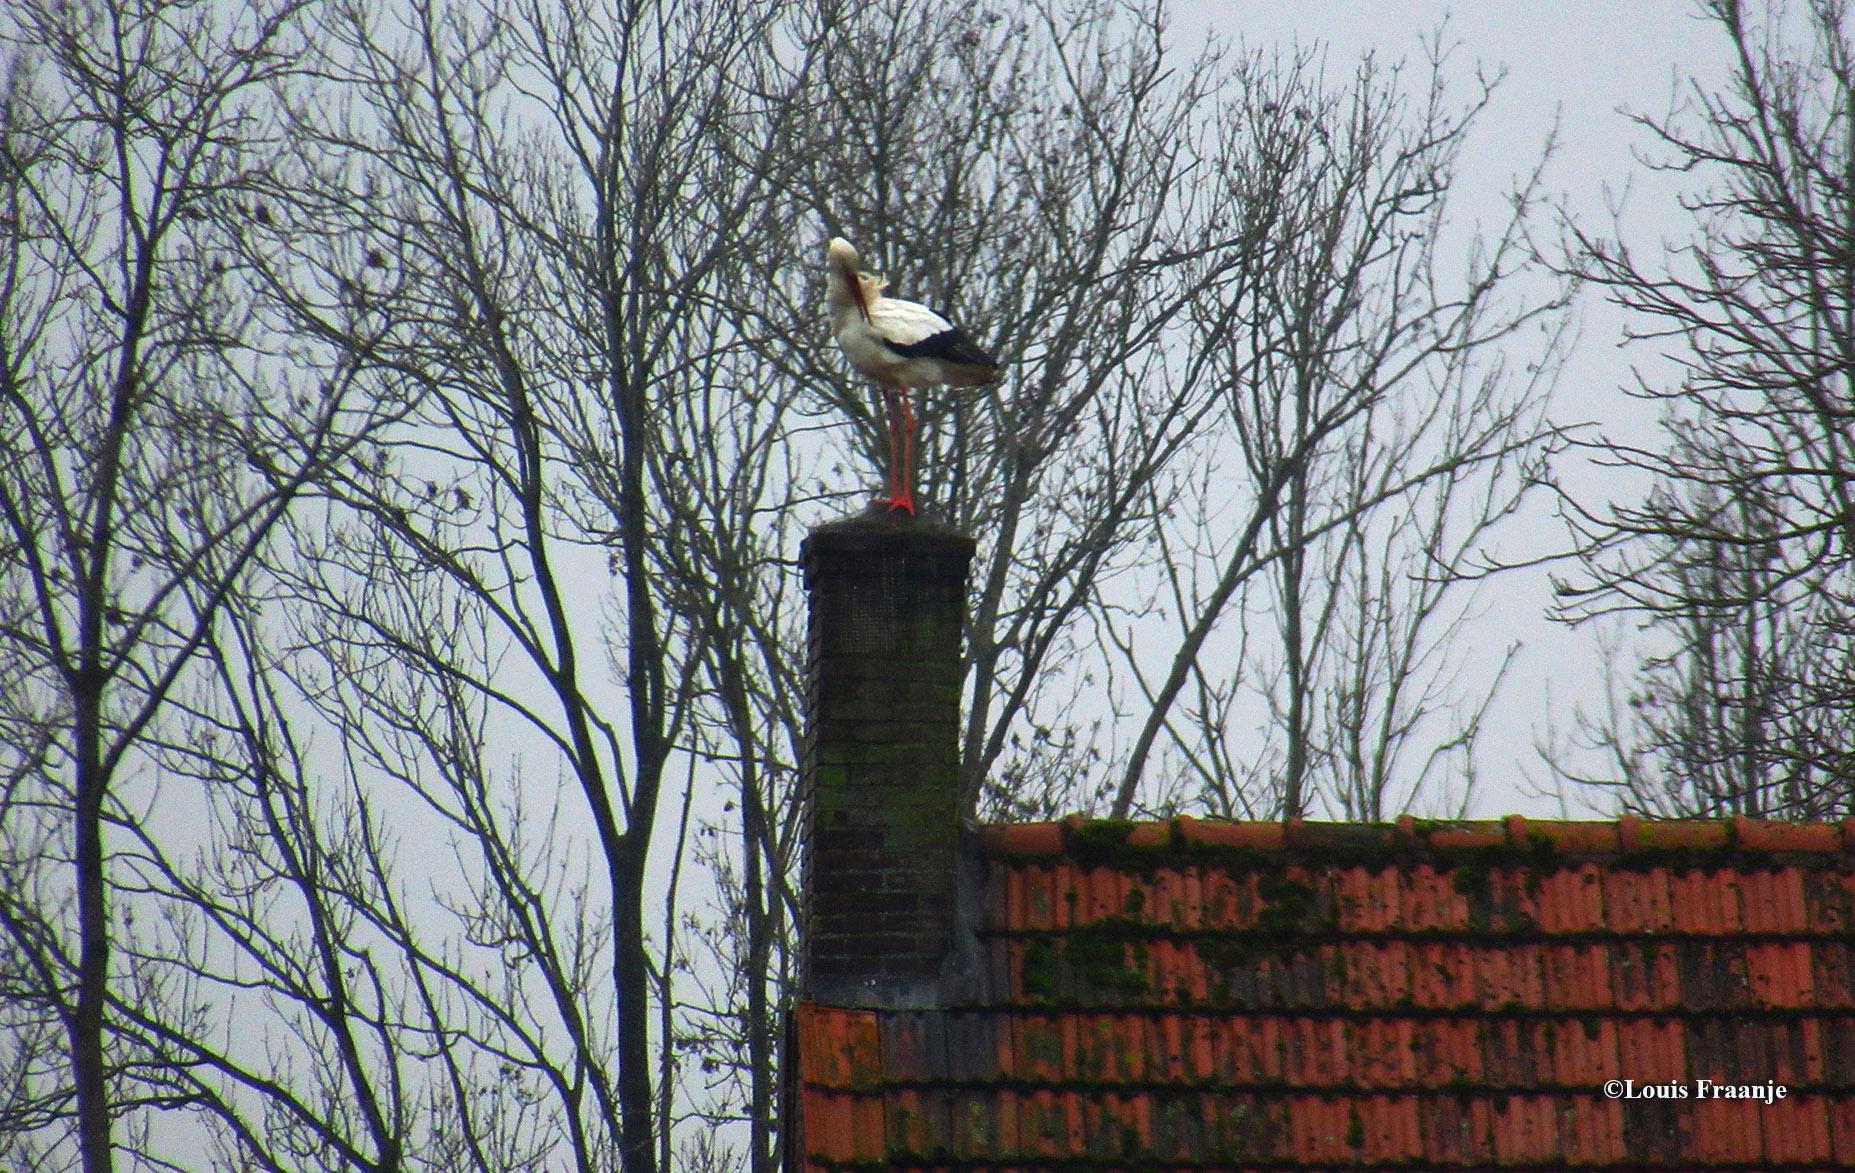 Hoog en droog staat de ooievaar, kijk maar... op de schoorsteen daar! De omgeving van Voorst is de ooievaar al jarenlang een bekende verschijning - Foto: ©Louis Fraanje